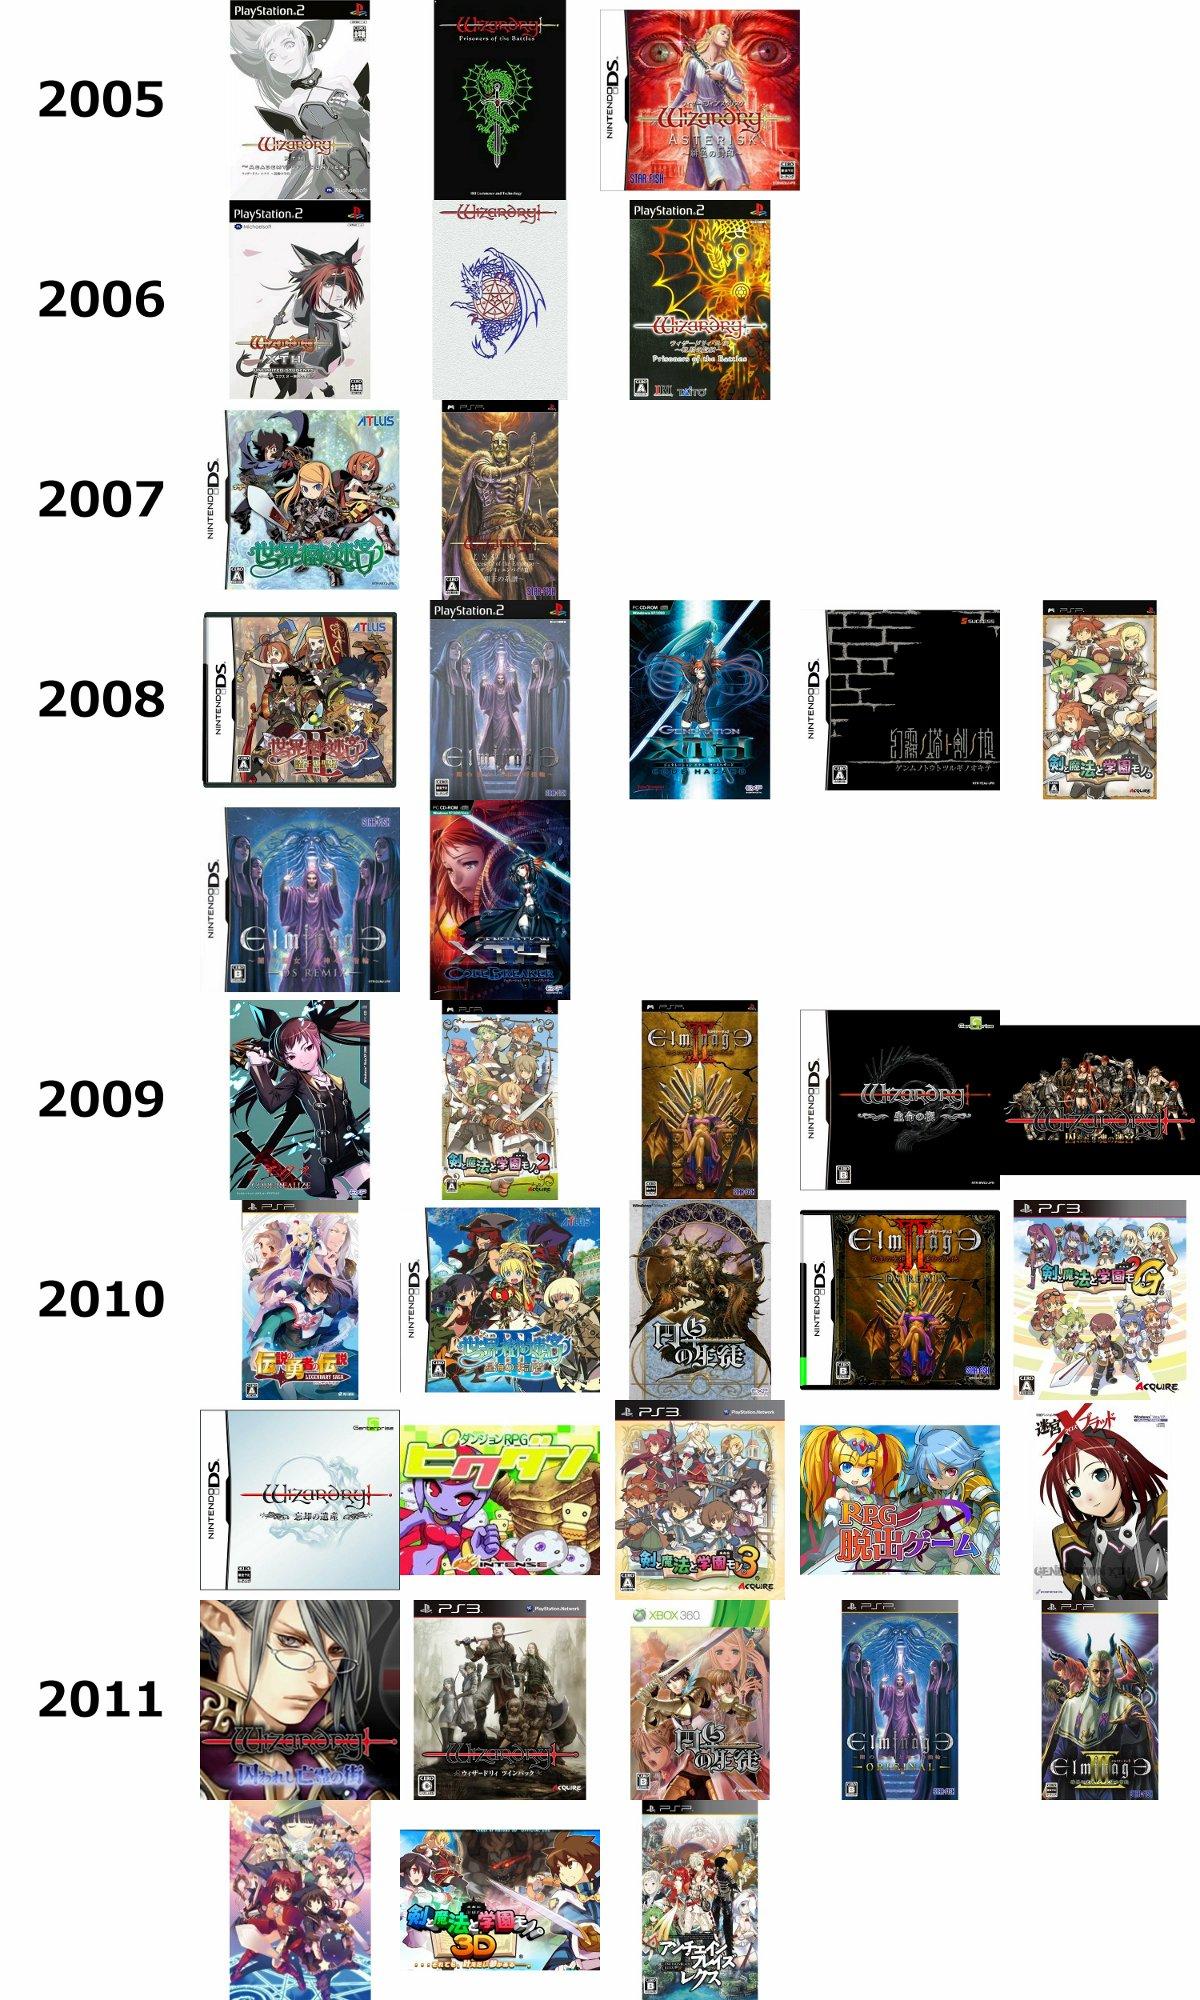 2005~2011 판타지 게임의 흐름